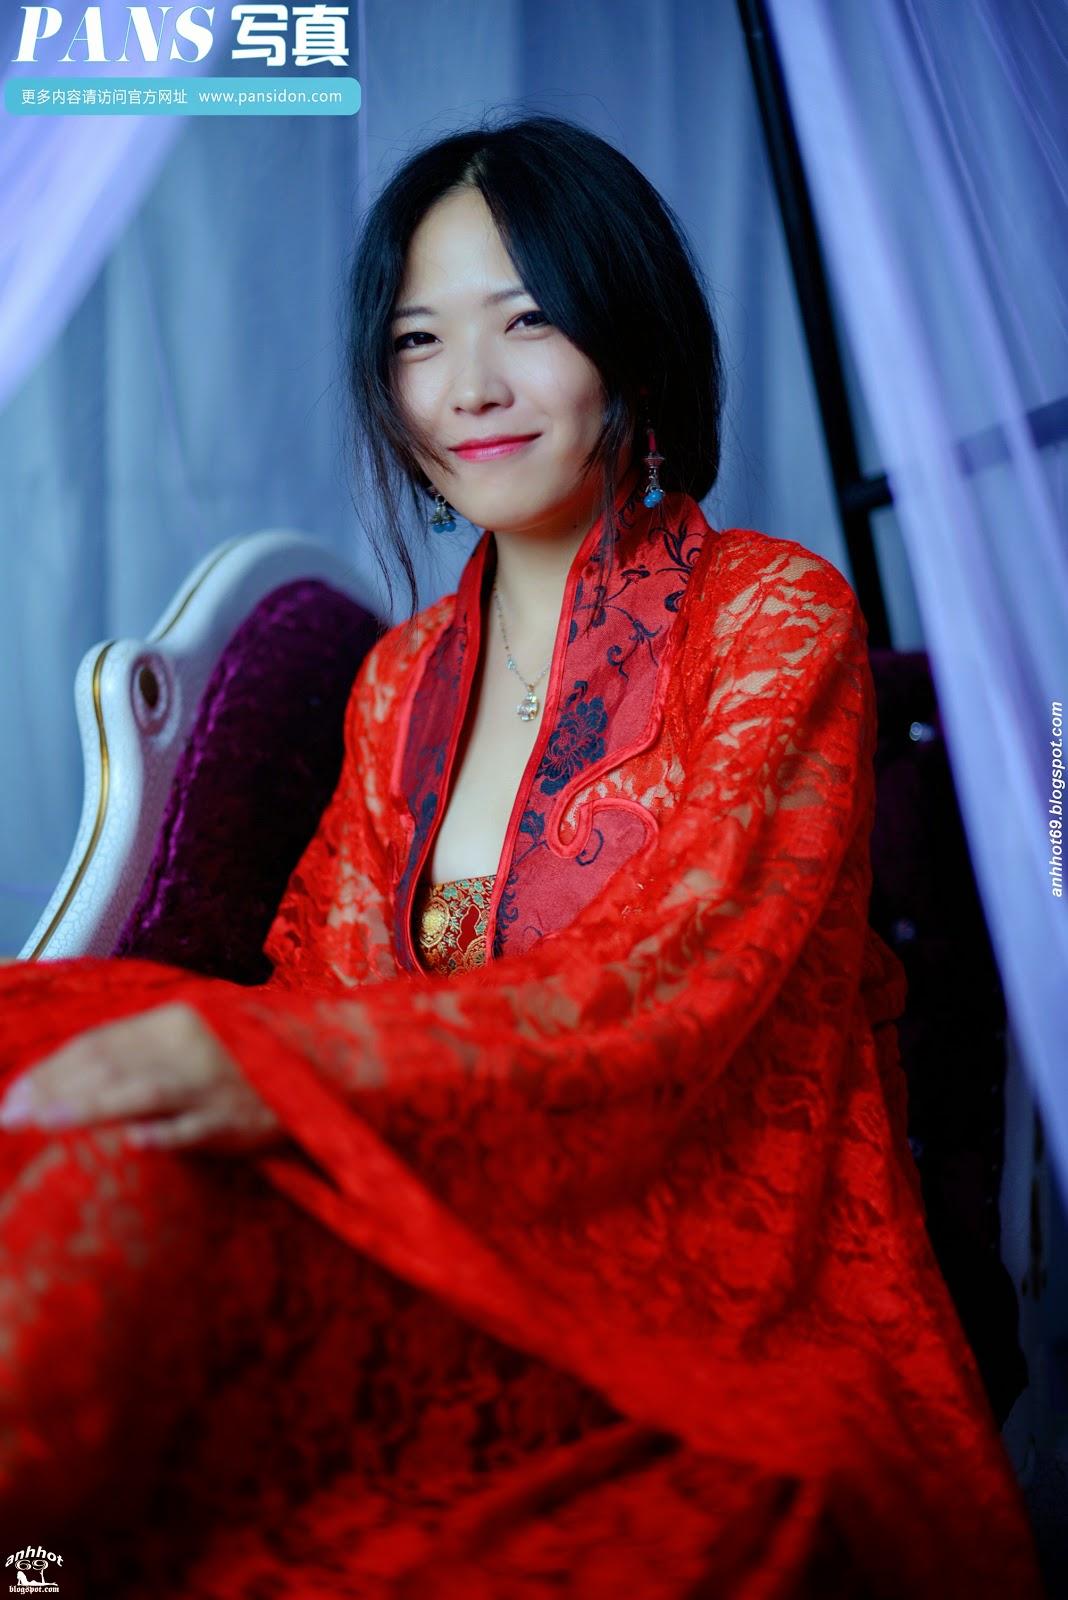 yuhan-pansidon-02851552